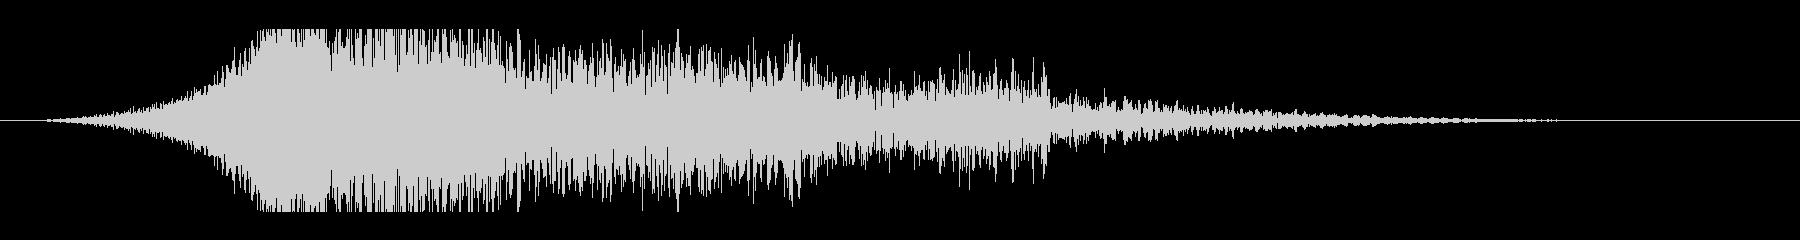 シネマティックなヒット音の未再生の波形